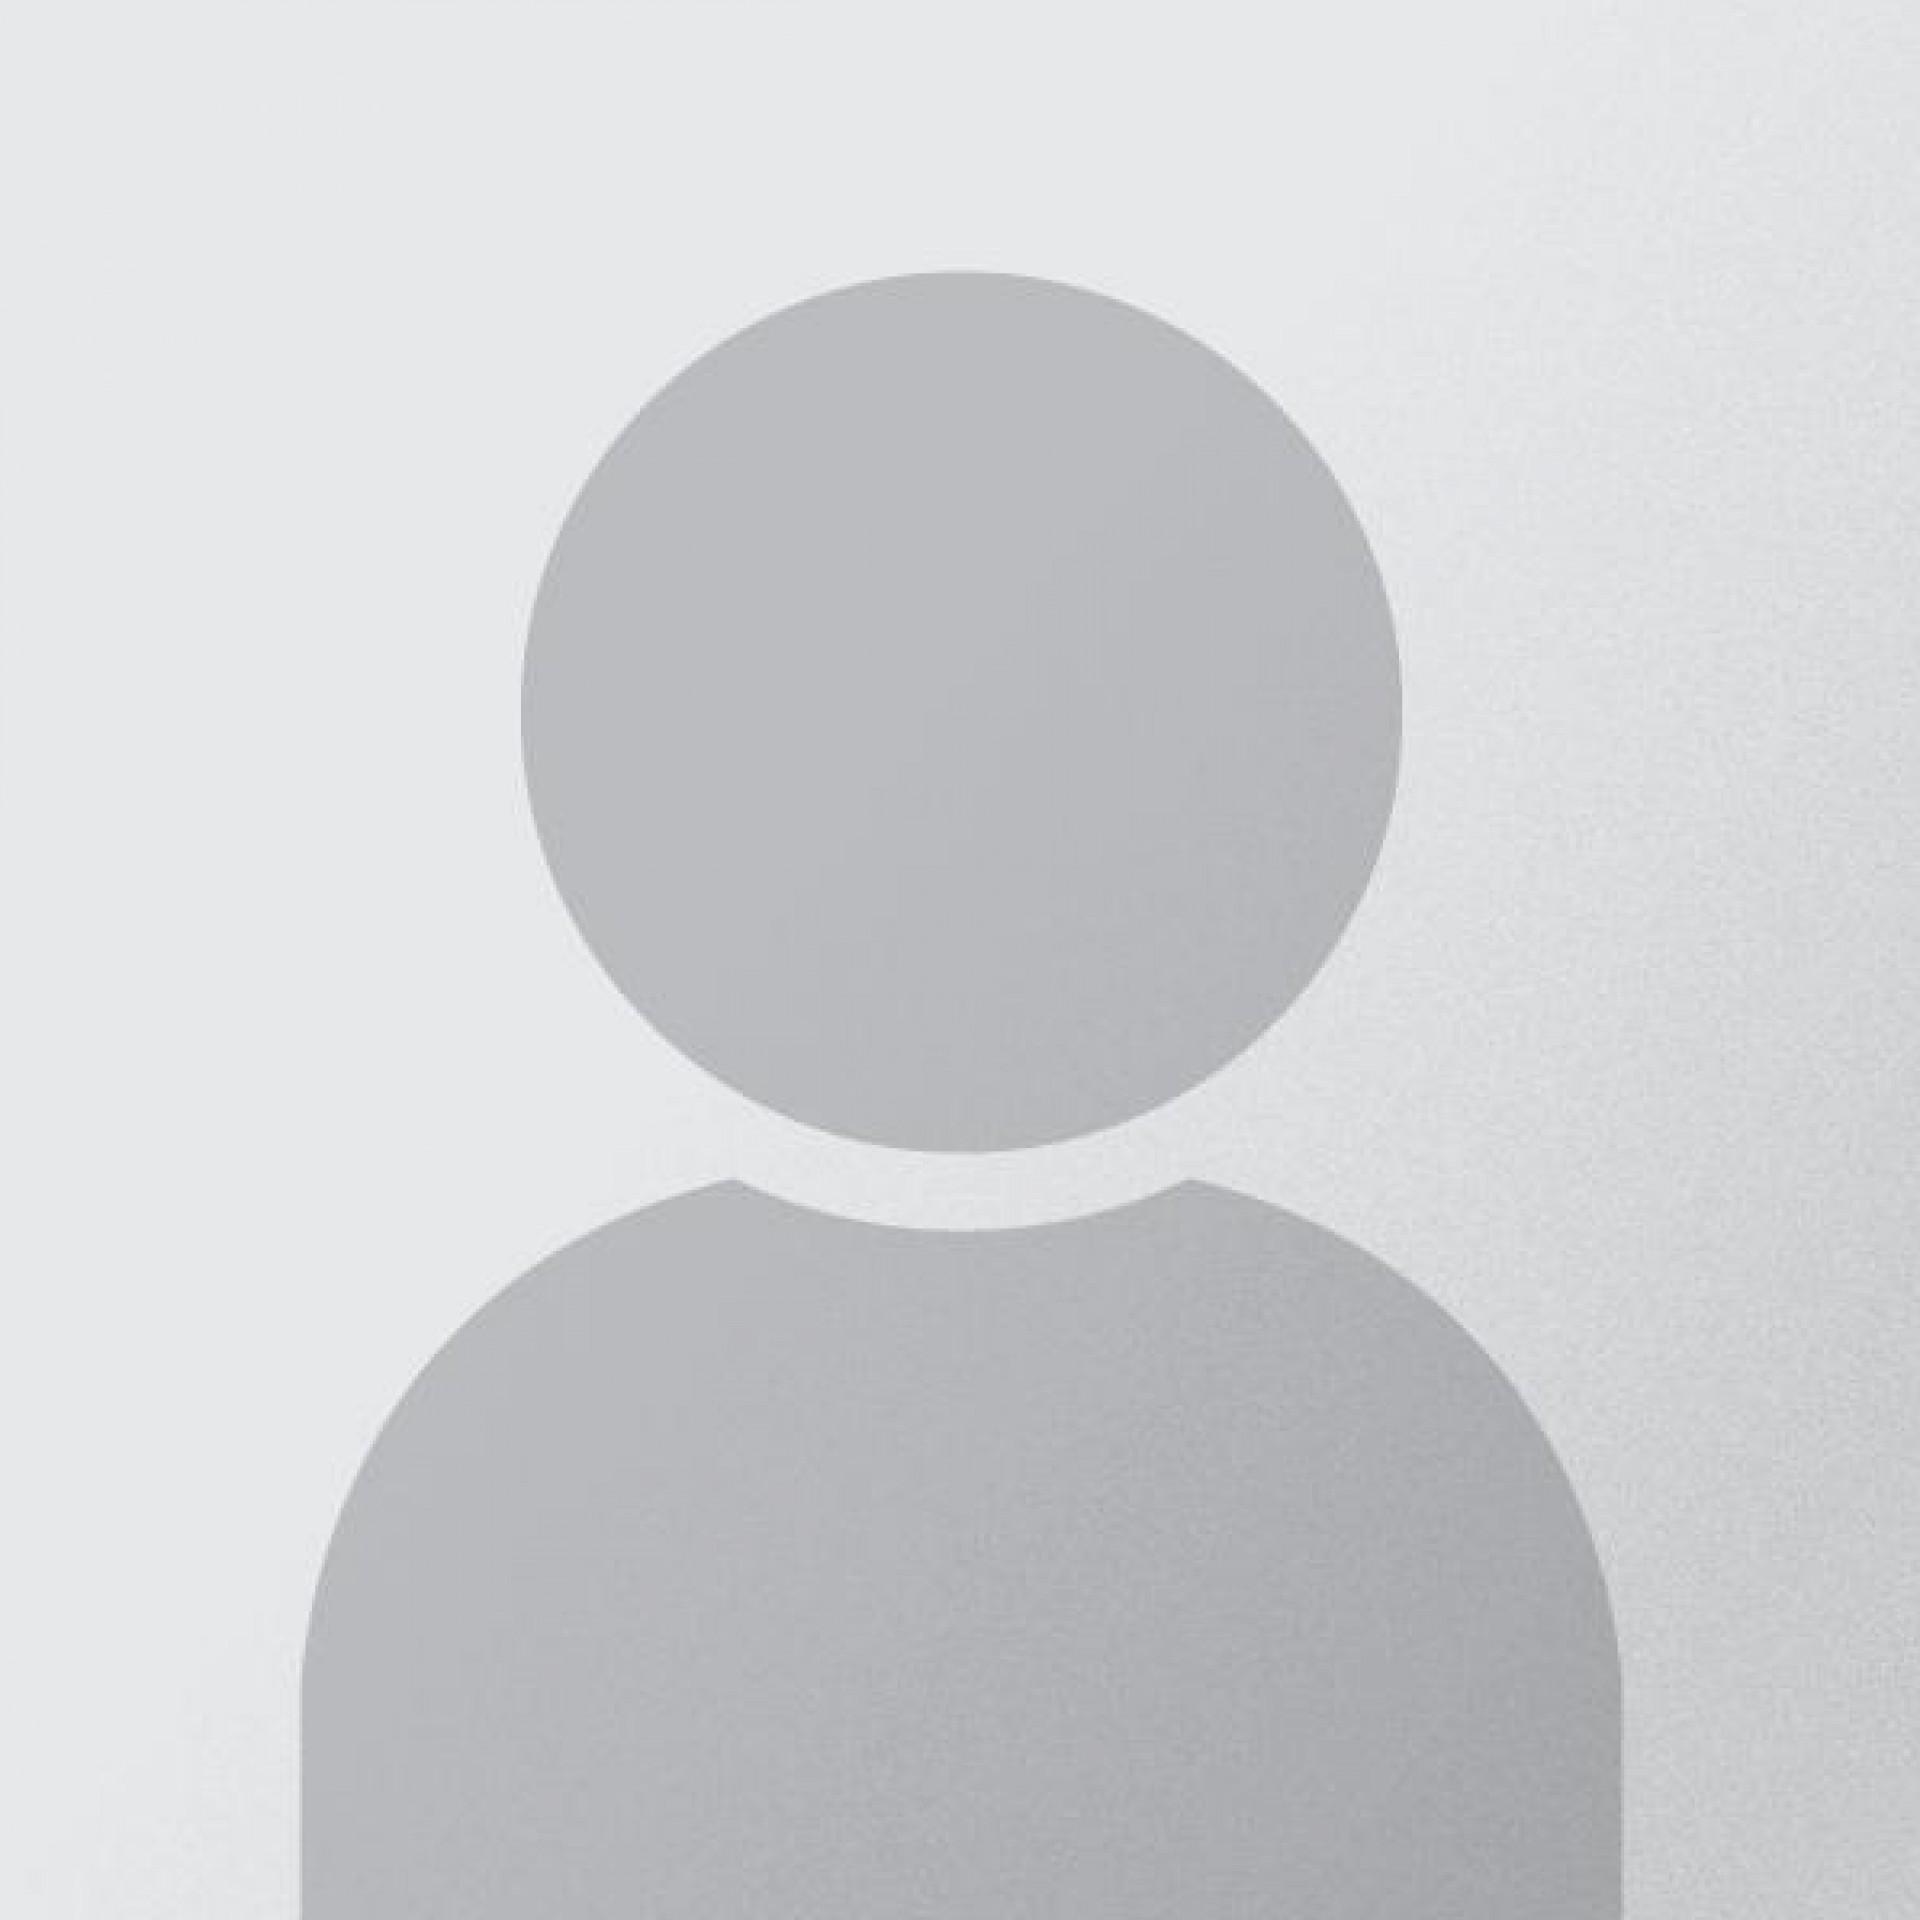 fotografia p021 profilu 0102YZEY7W